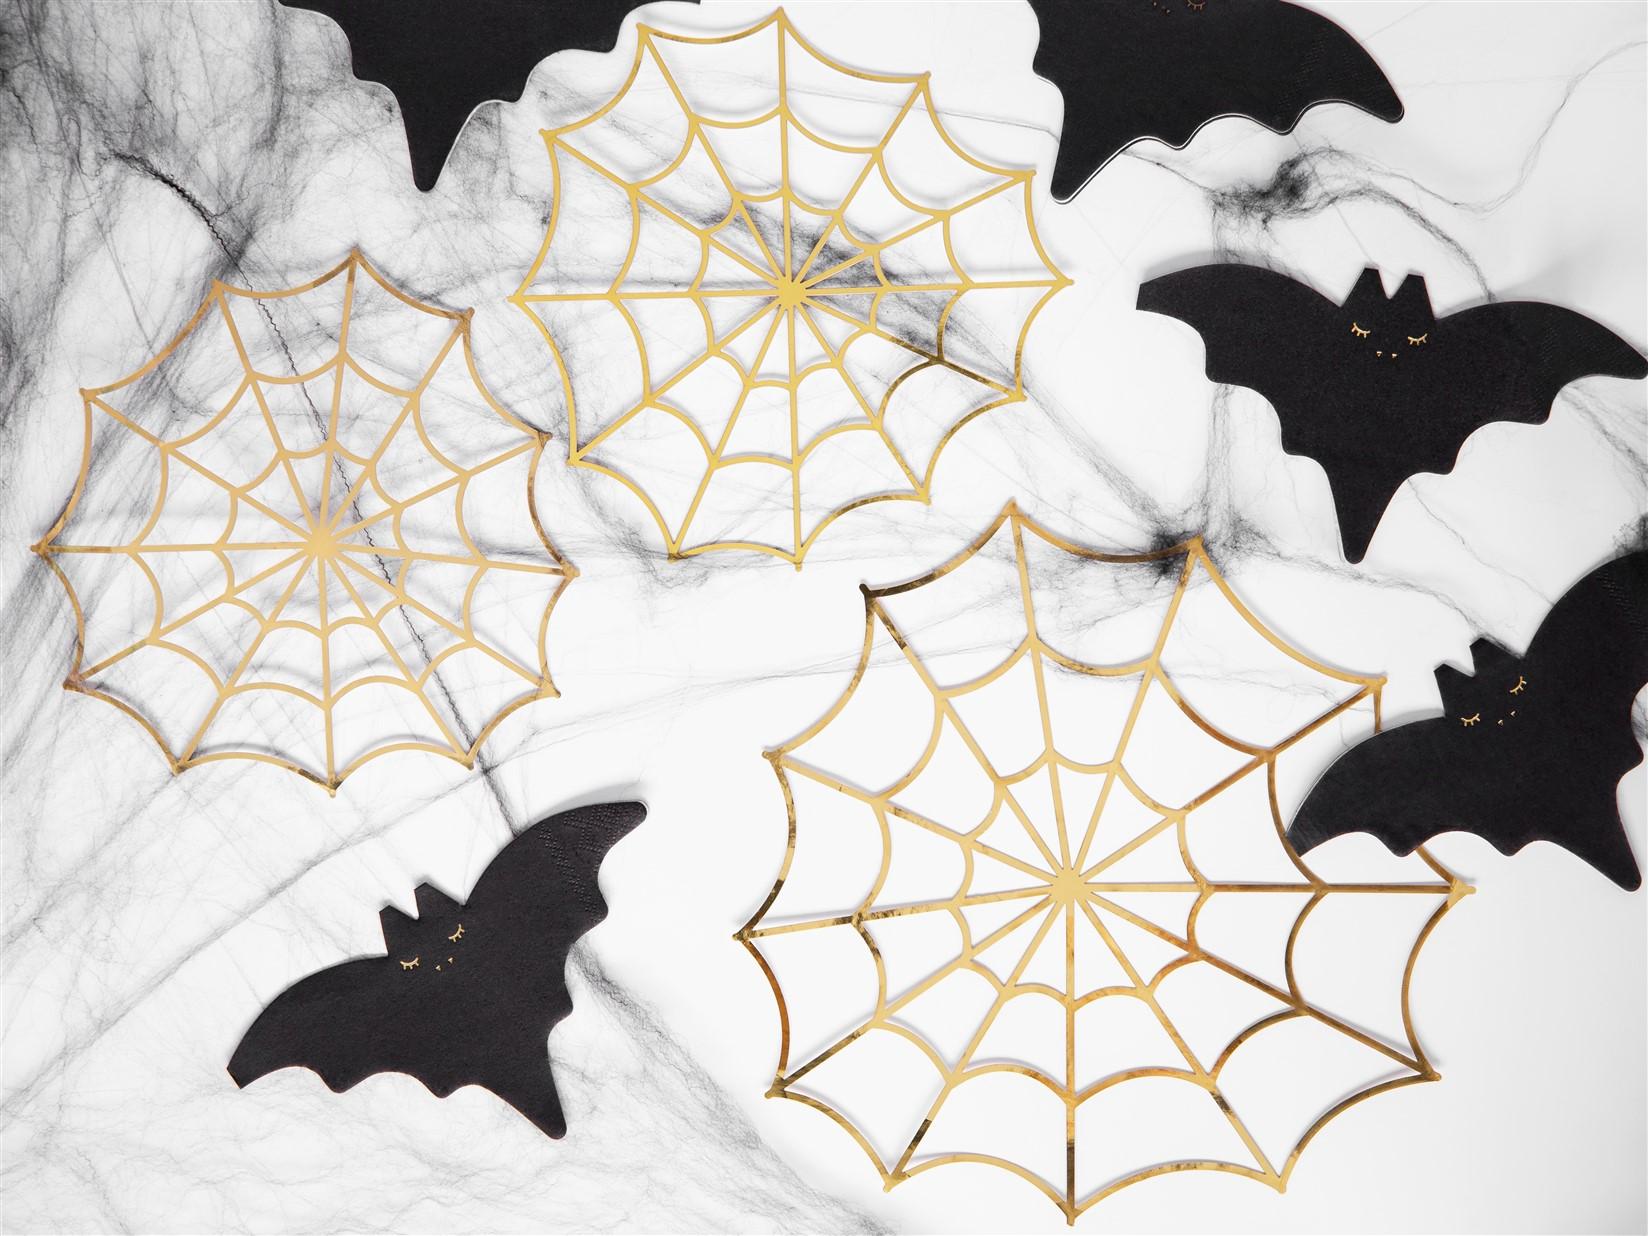 Χάρτινοι Διακοσμητικοί Ιστοί Αράχνης – 3 Τεμάχια